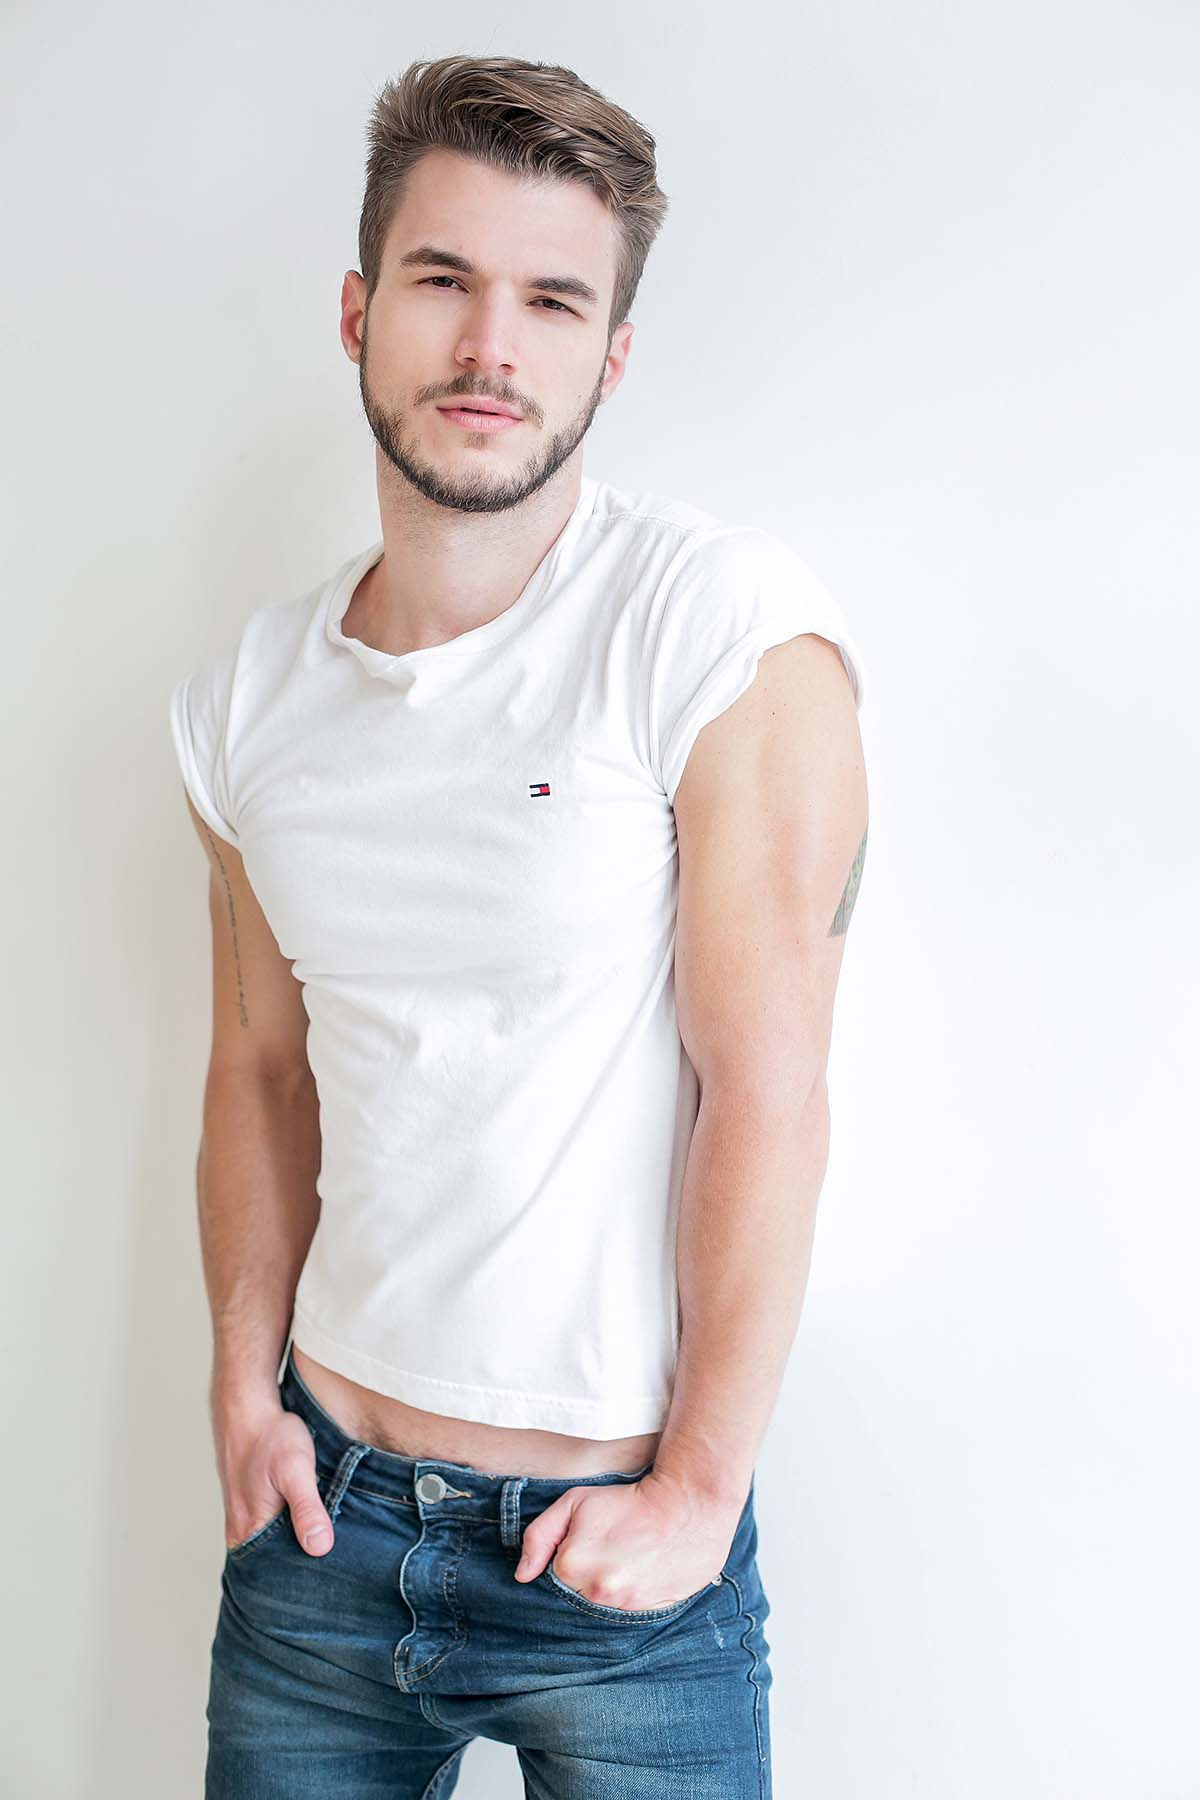 Alex Trevelin by Thiago Martini for Brazilian Male Model